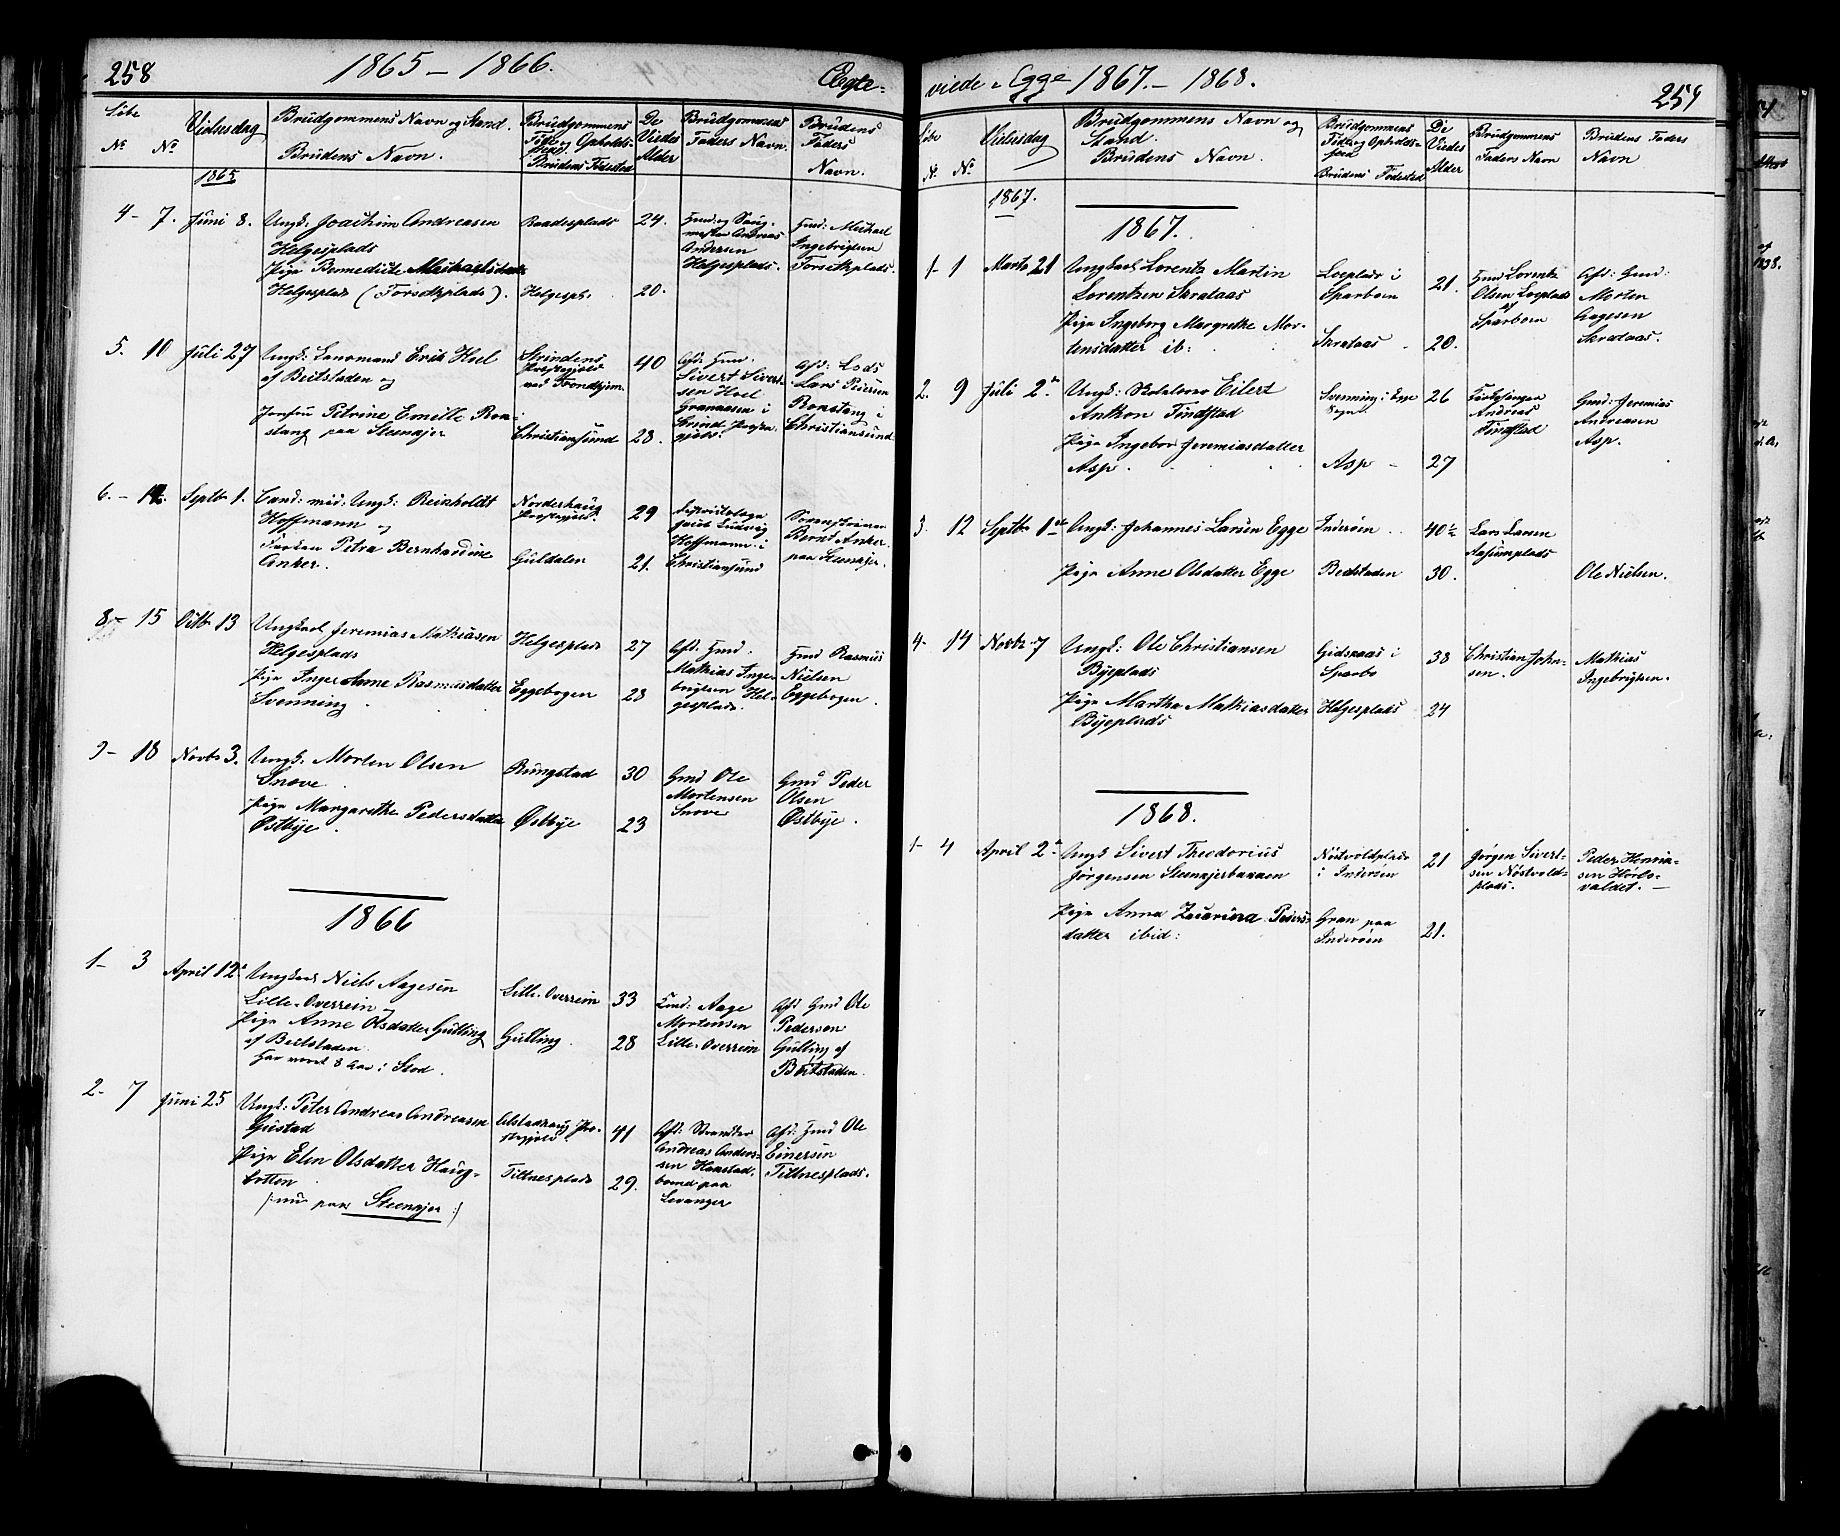 SAT, Ministerialprotokoller, klokkerbøker og fødselsregistre - Nord-Trøndelag, 739/L0367: Ministerialbok nr. 739A01 /3, 1838-1868, s. 258-259